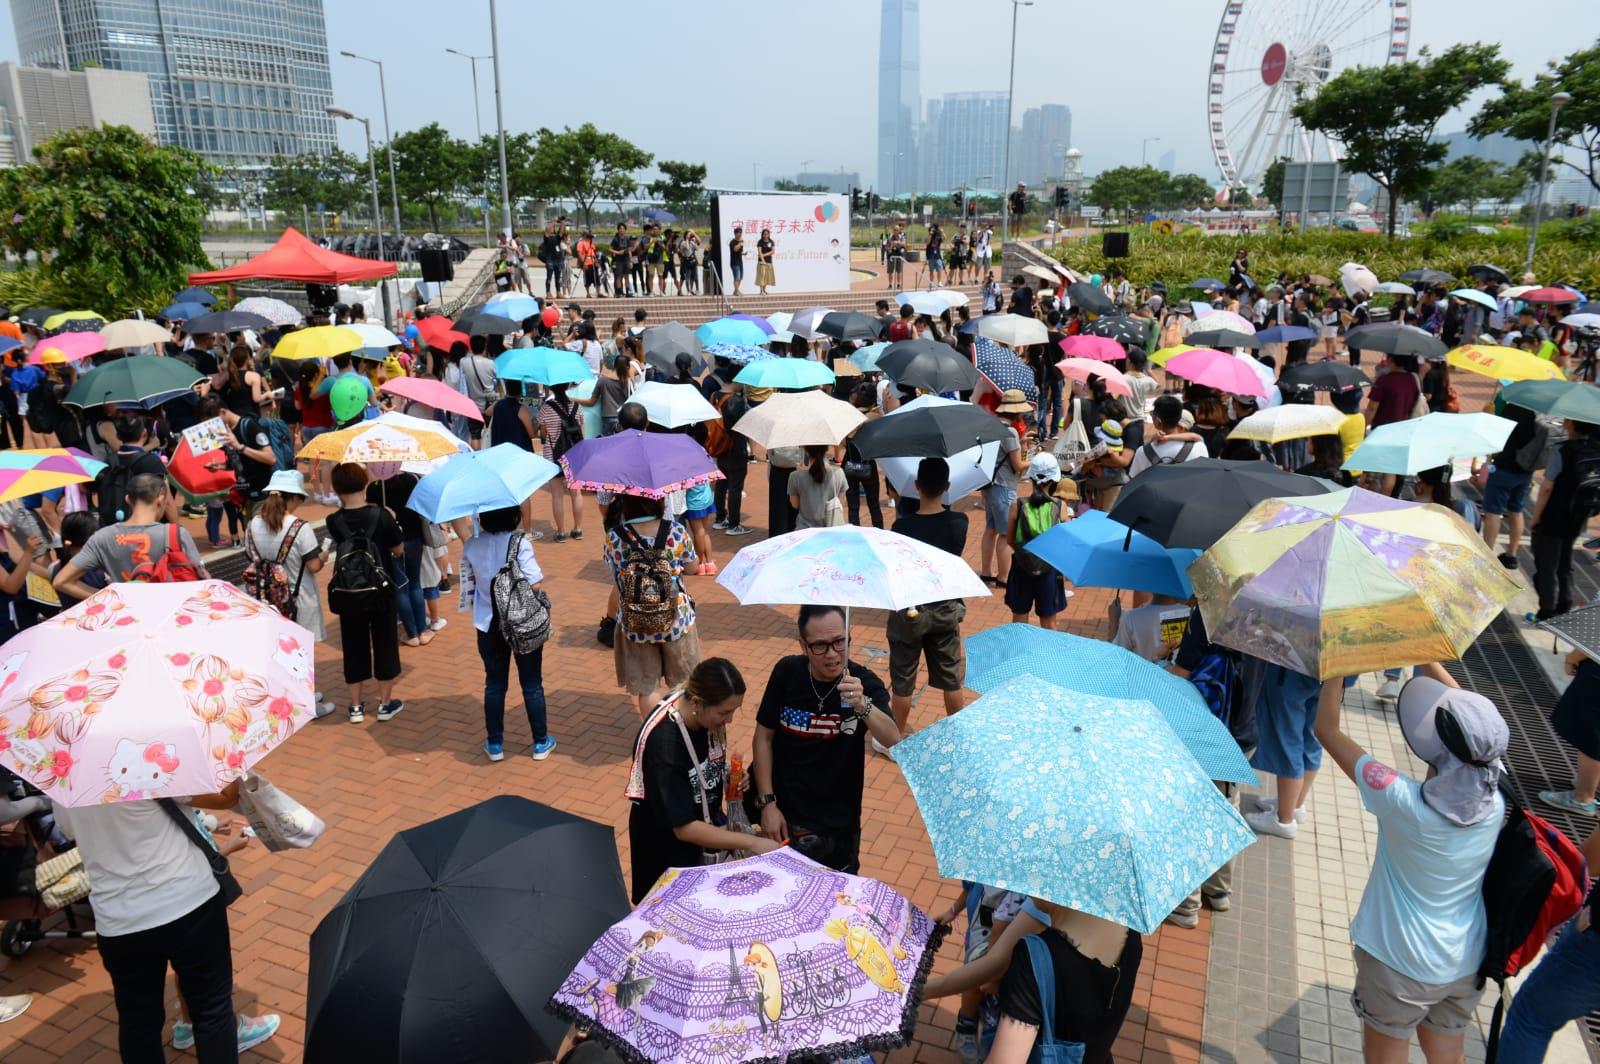 8月10日香港中環愛丁堡廣場舉行親子集會,守護孩子未來,呼籲港府回應五大訴求。(宋碧龍/大紀元)